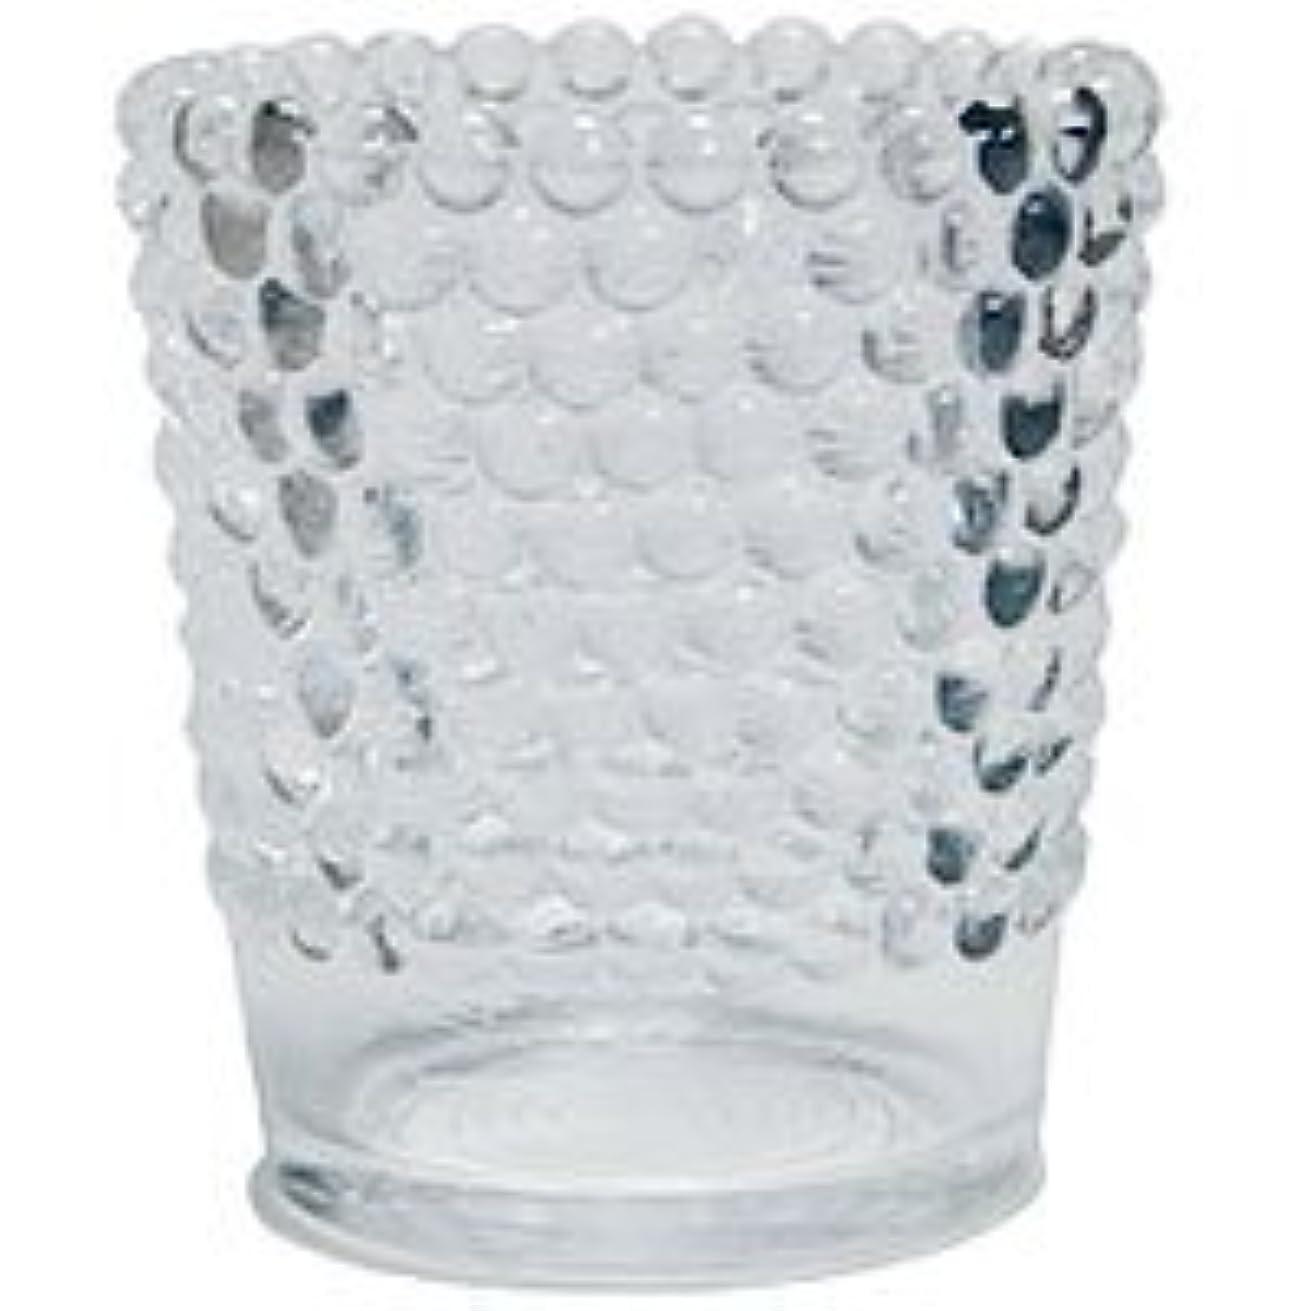 定義するプランターバランスのとれた【カメヤマ】キャンドルホルダー ホビネルグラス クリスタル 6個セット